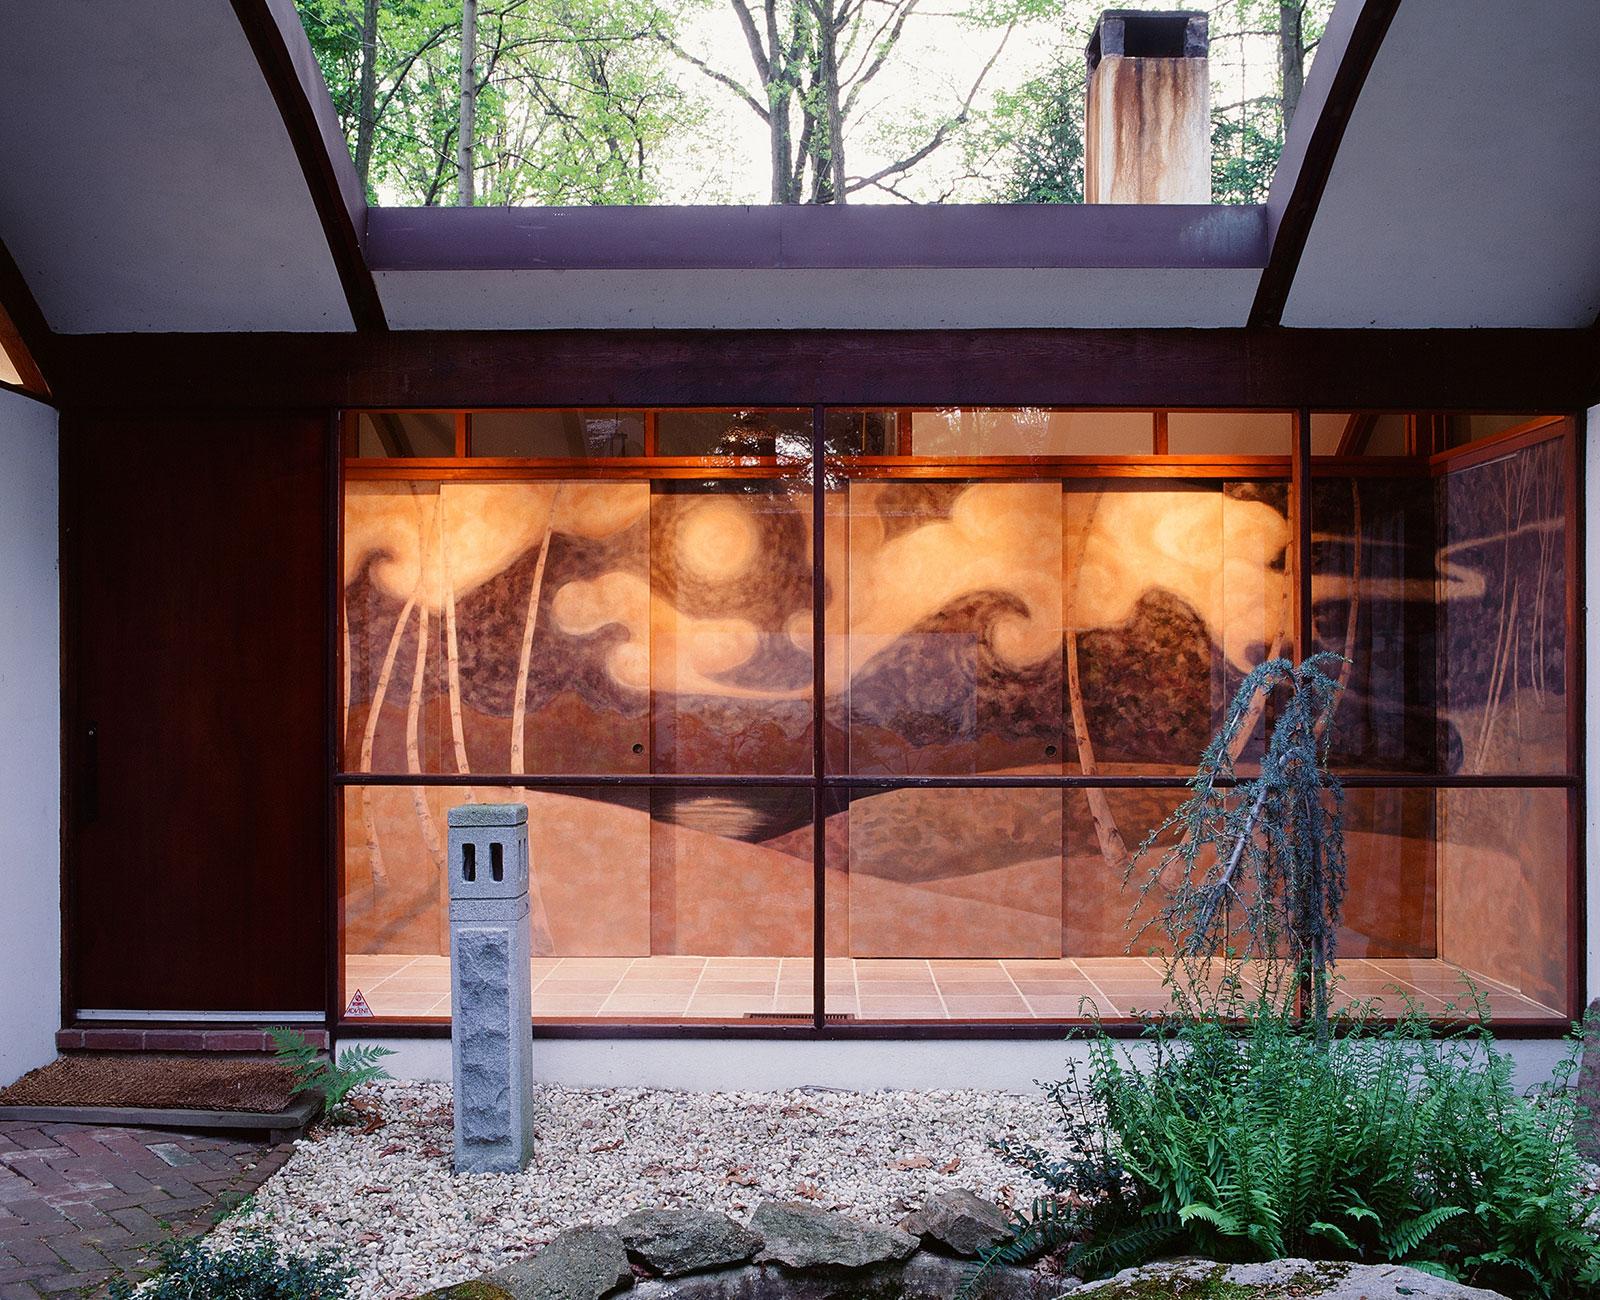 nakashima residence, r. goodwin ltd.